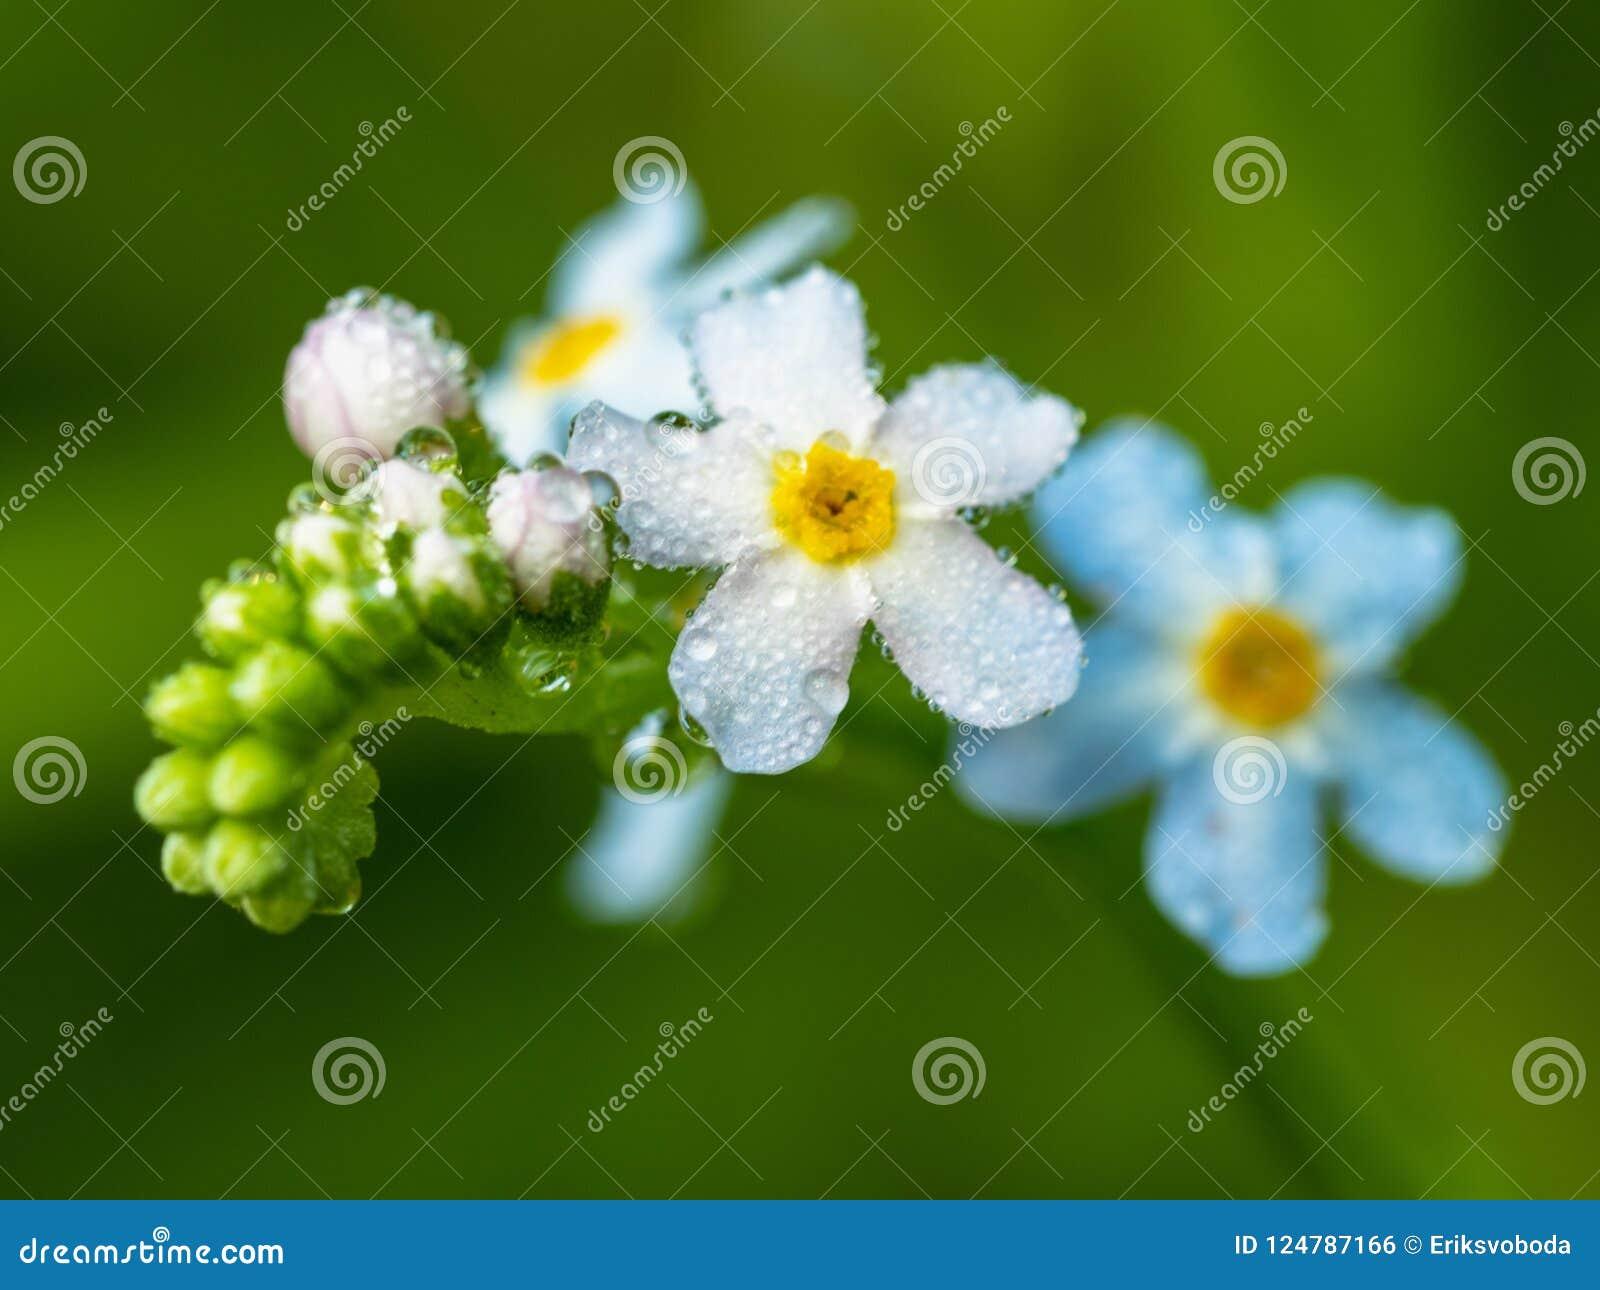 Pianta Verde Con Fiori Bianchi.Chiuda Sulla Vista Sulla Pianta Verde Che Fiorisce Con I Fiori